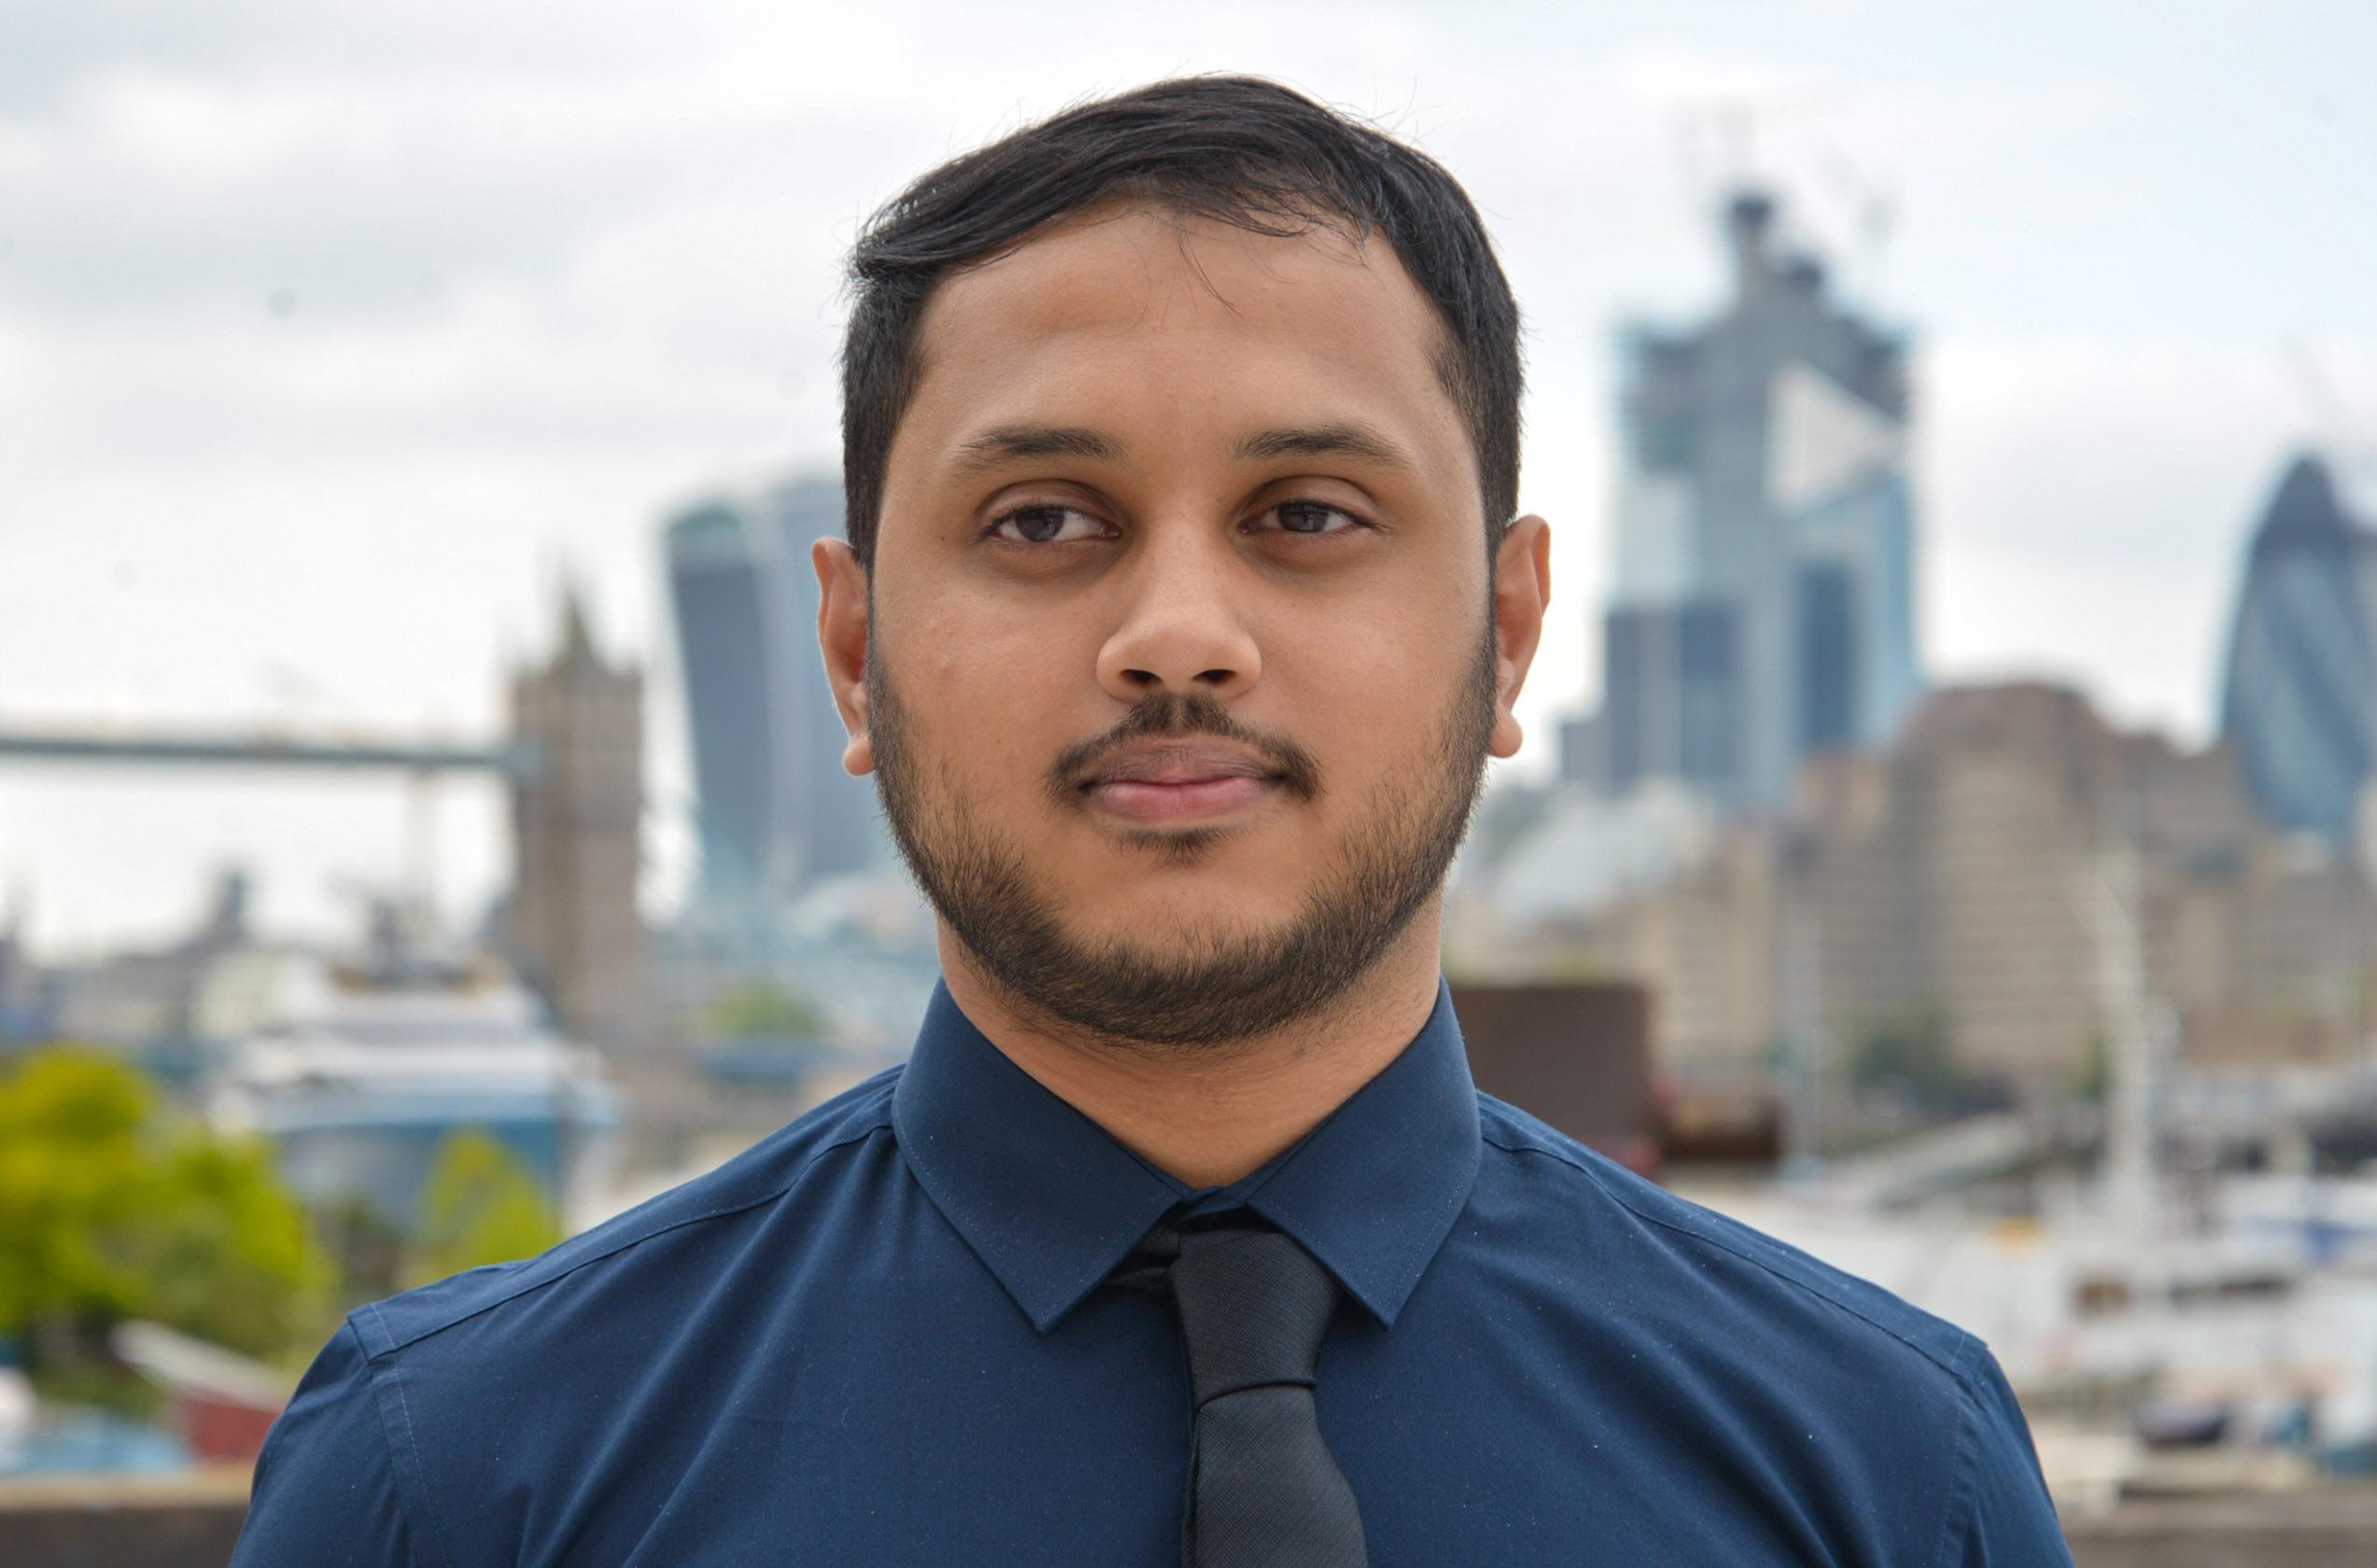 Mohammed Aabid